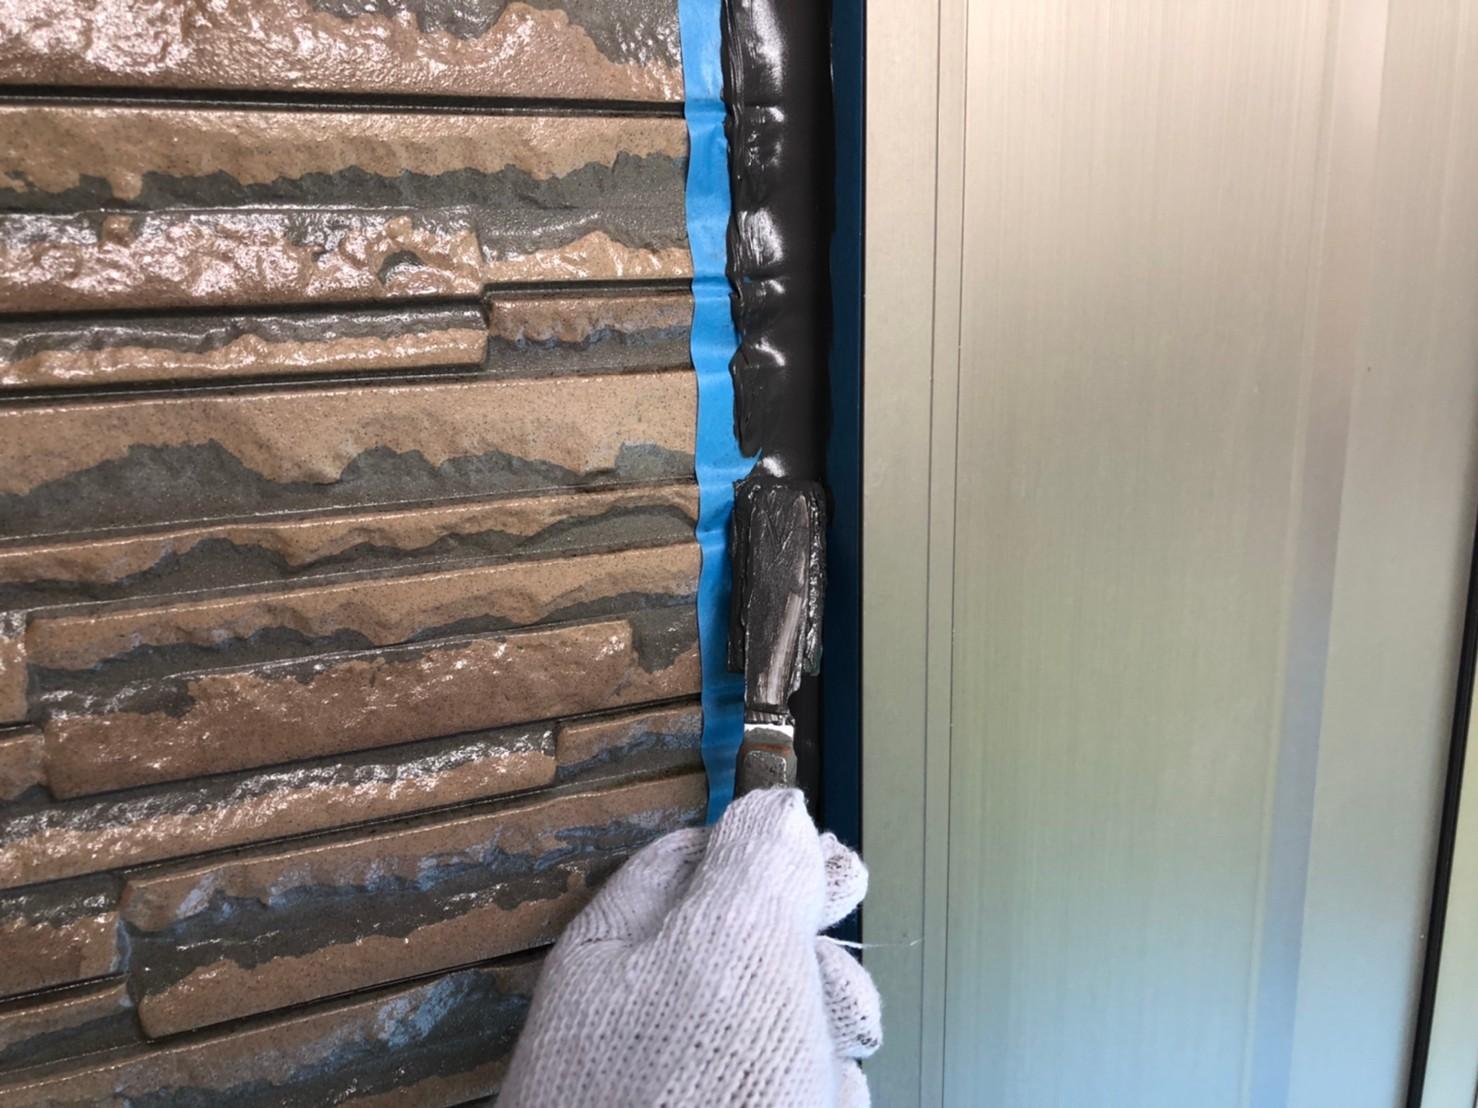 伊奈町外壁塗装時の「シーリング増し打ち」オートンイクシード表面をへらで均す作業